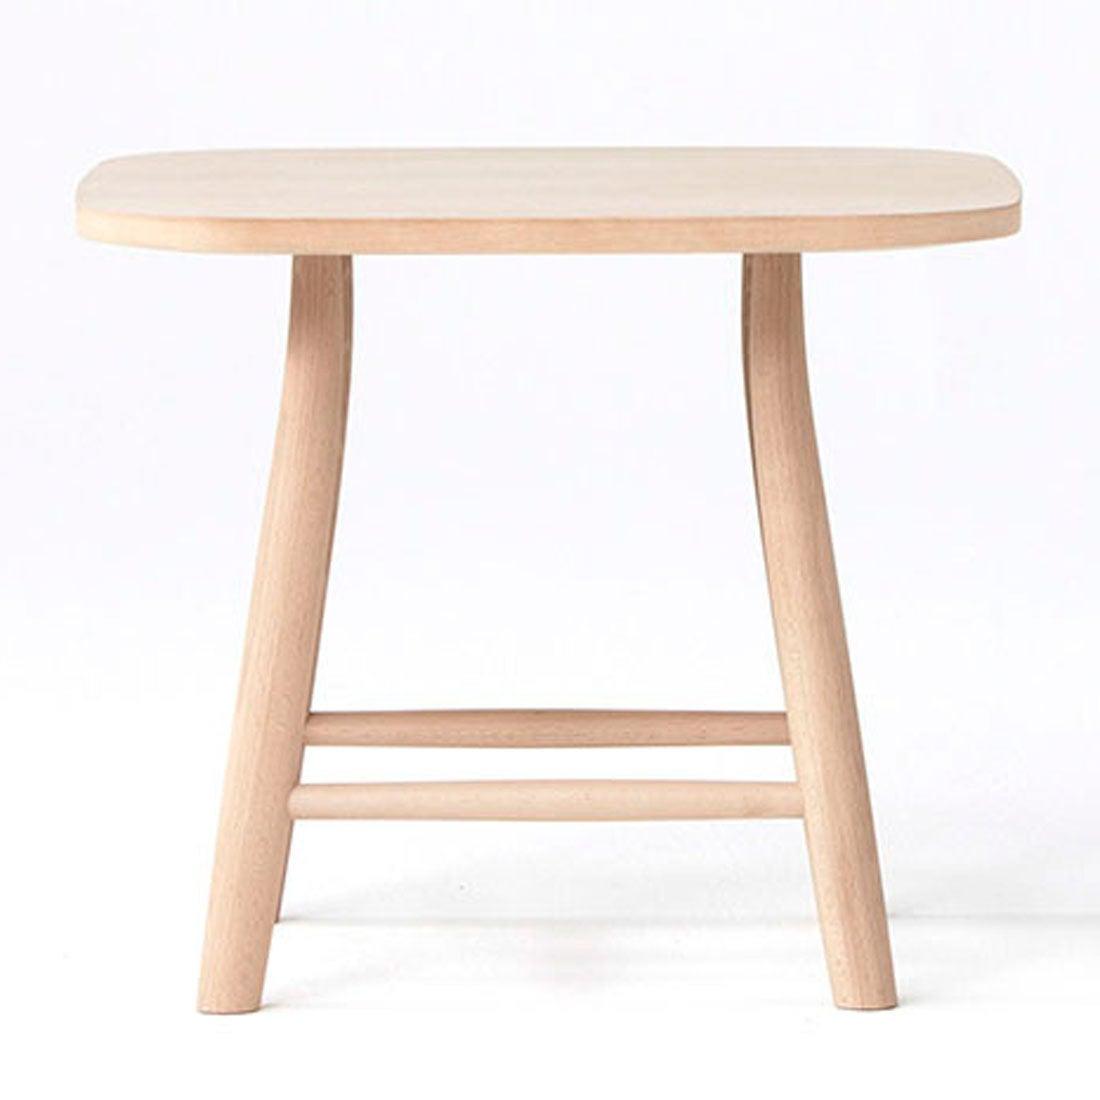 IDC OTSUKA/大塚家具 ローテーブル(小) 209EB 白木塗装 (ホワイトオーク)【返品不可商品】